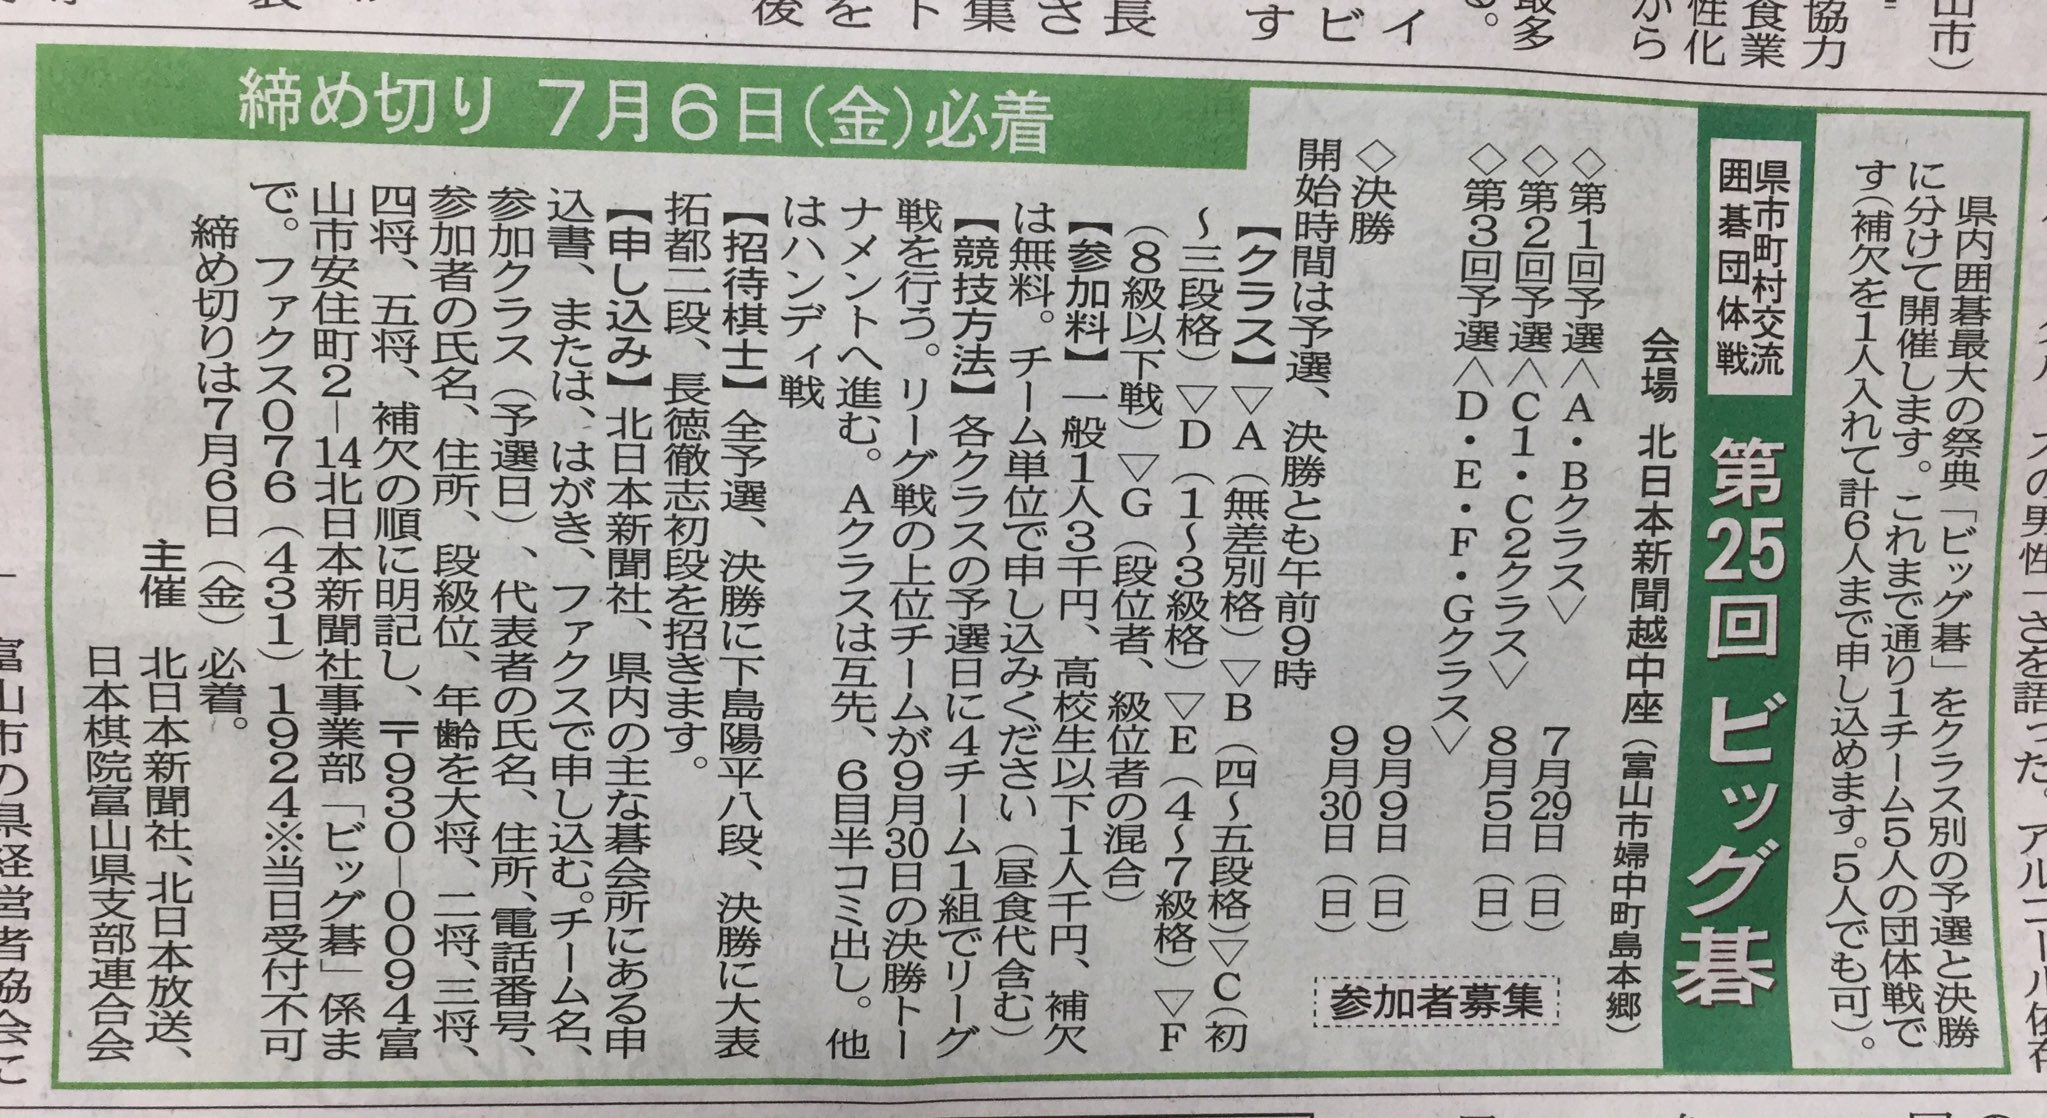 【富山】県市町村交流囲碁団体戦第25回ビッグ碁